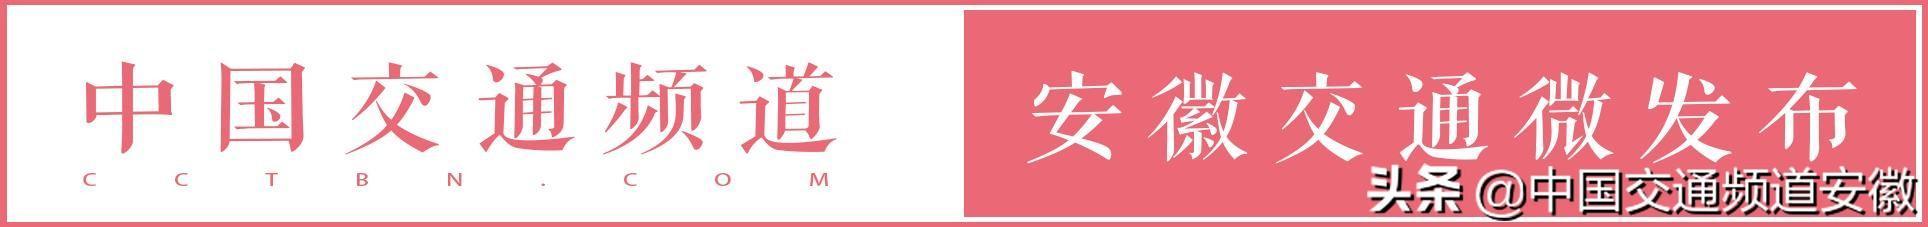 <b>国庆前夕!合肥向游客和市民推出10条红色旅游线路</b>